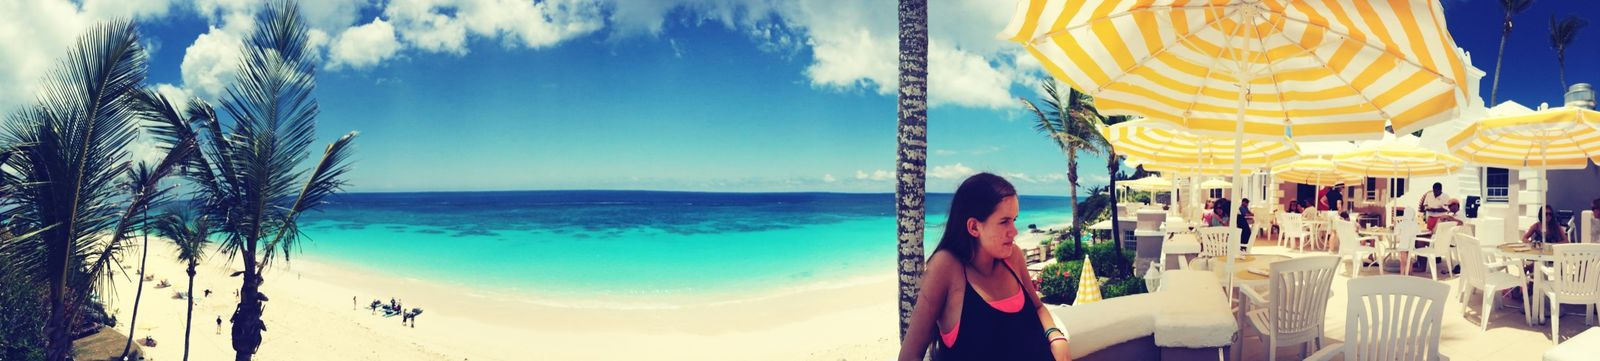 Beach Bermuda Ocean Sand